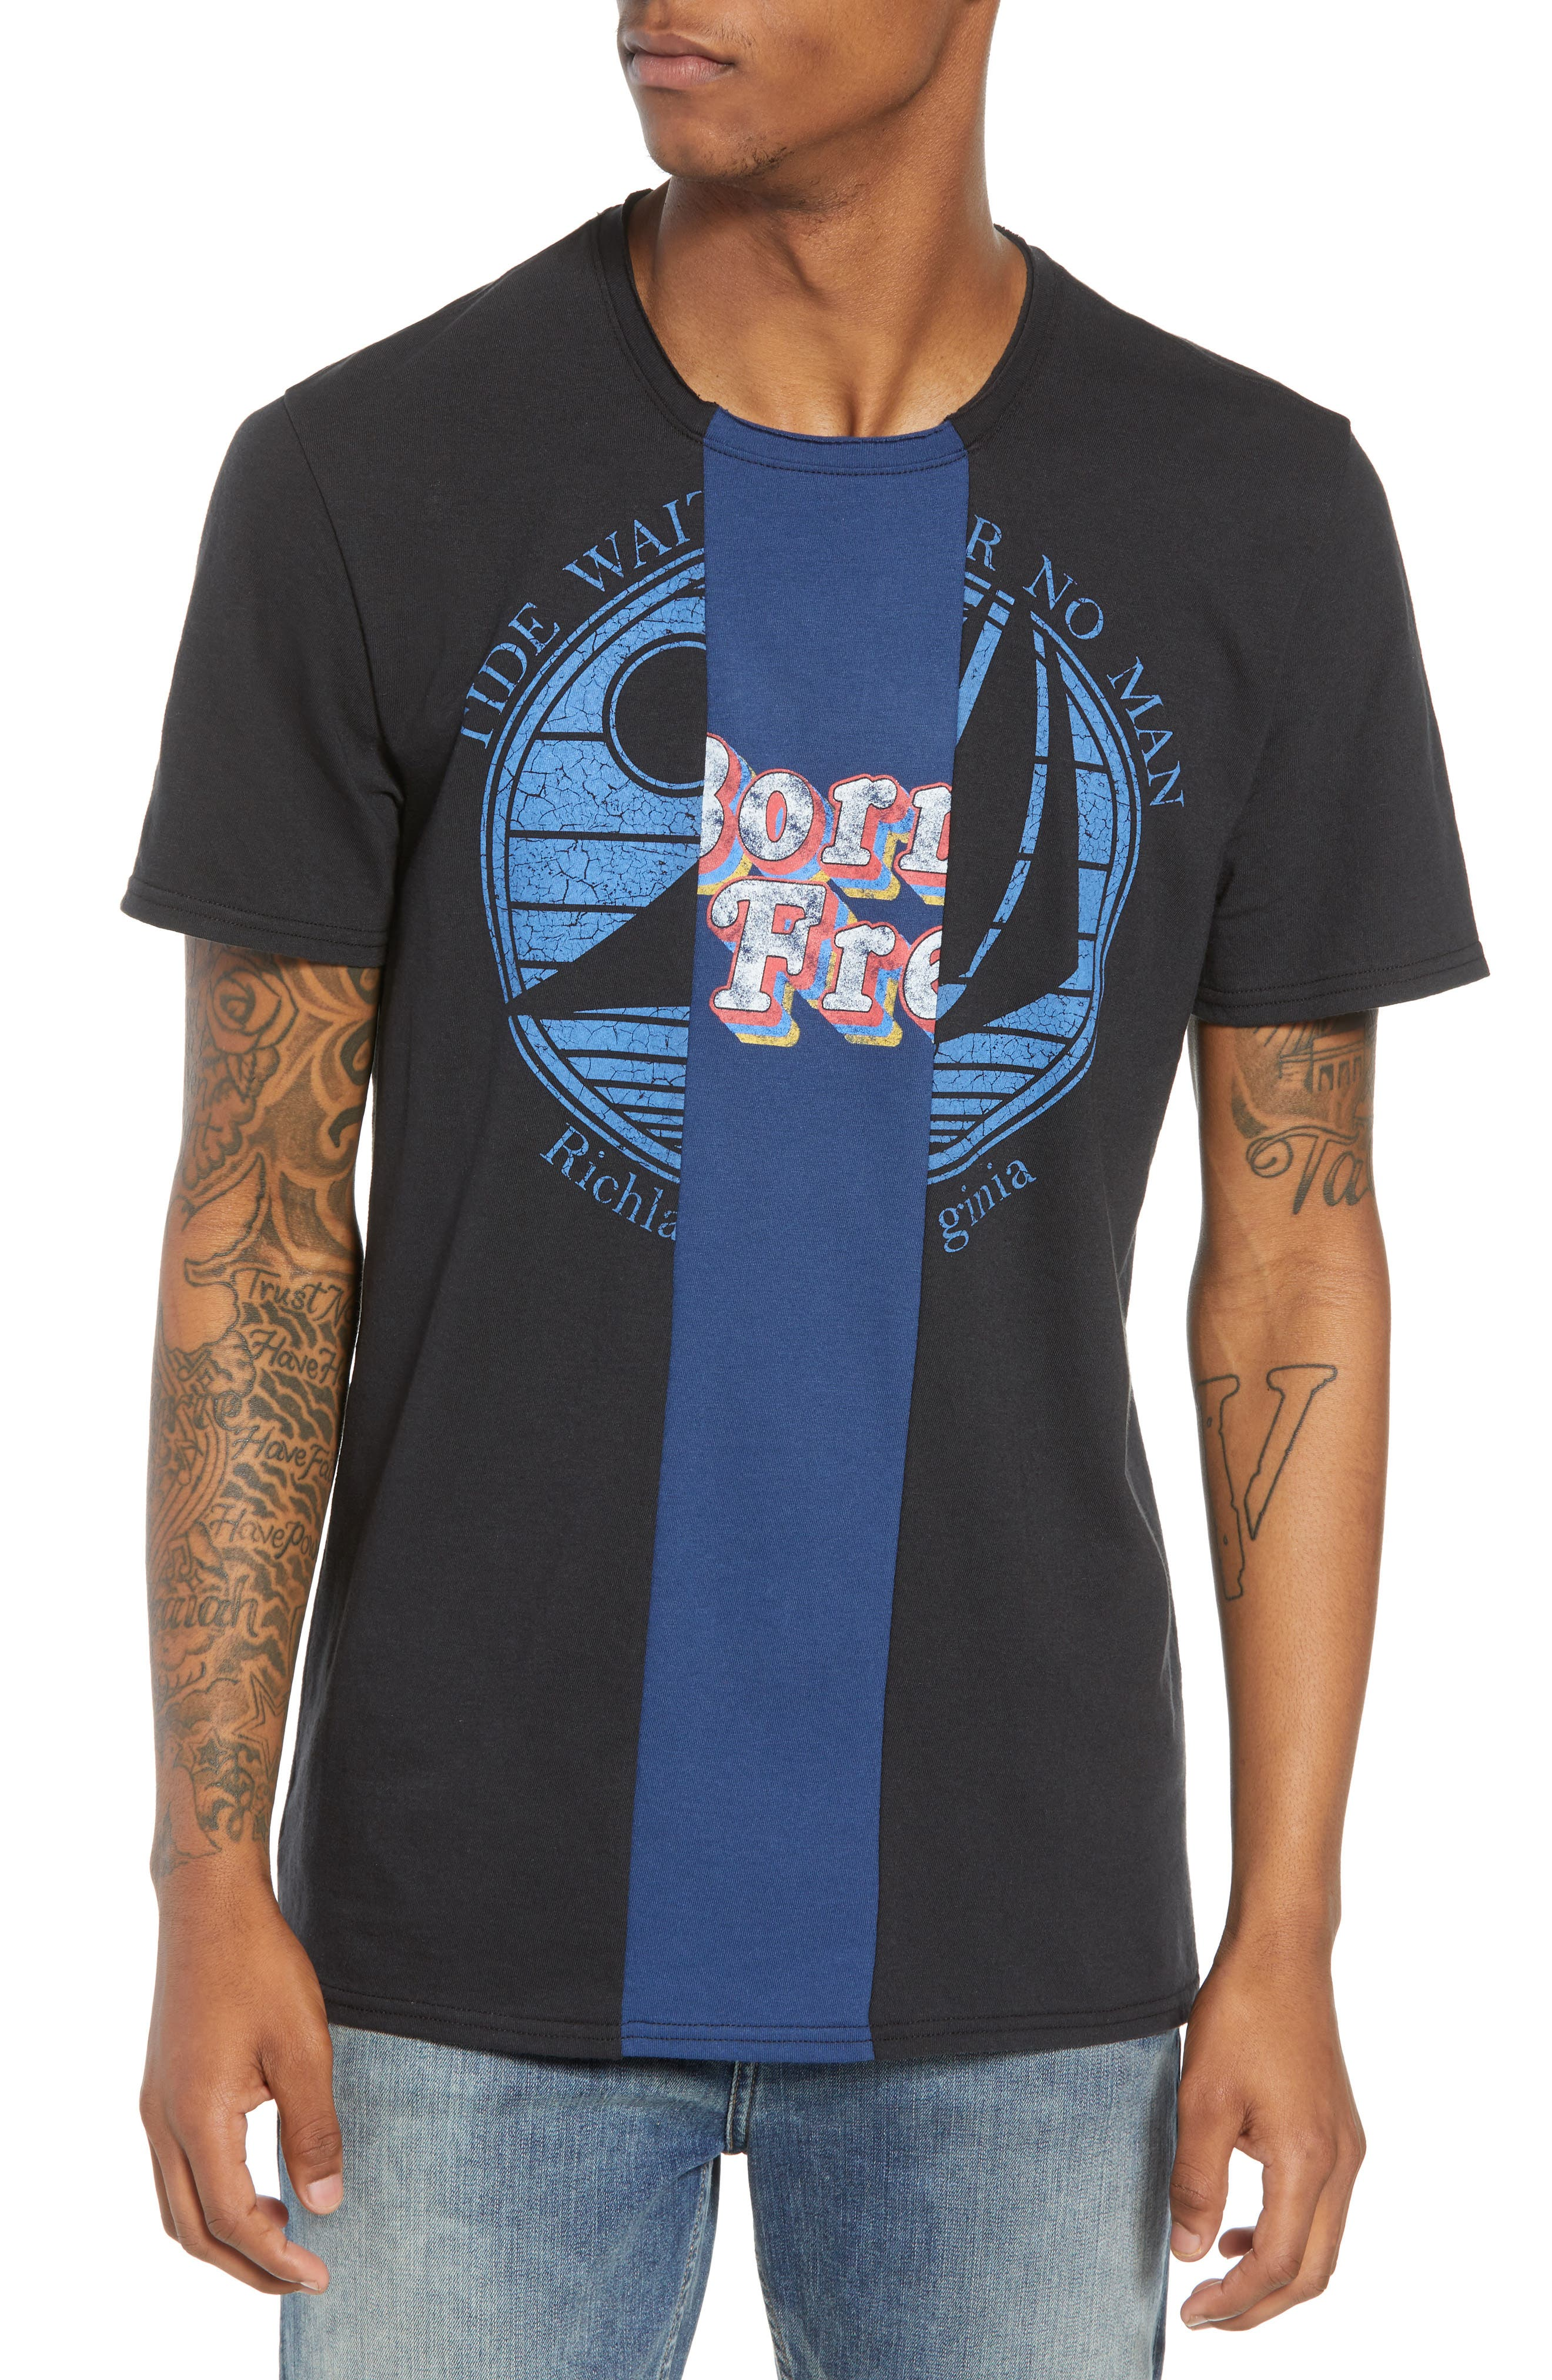 Tri-Splice T-Shirt,                         Main,                         color, BLACK NAVY SKI SPLICE